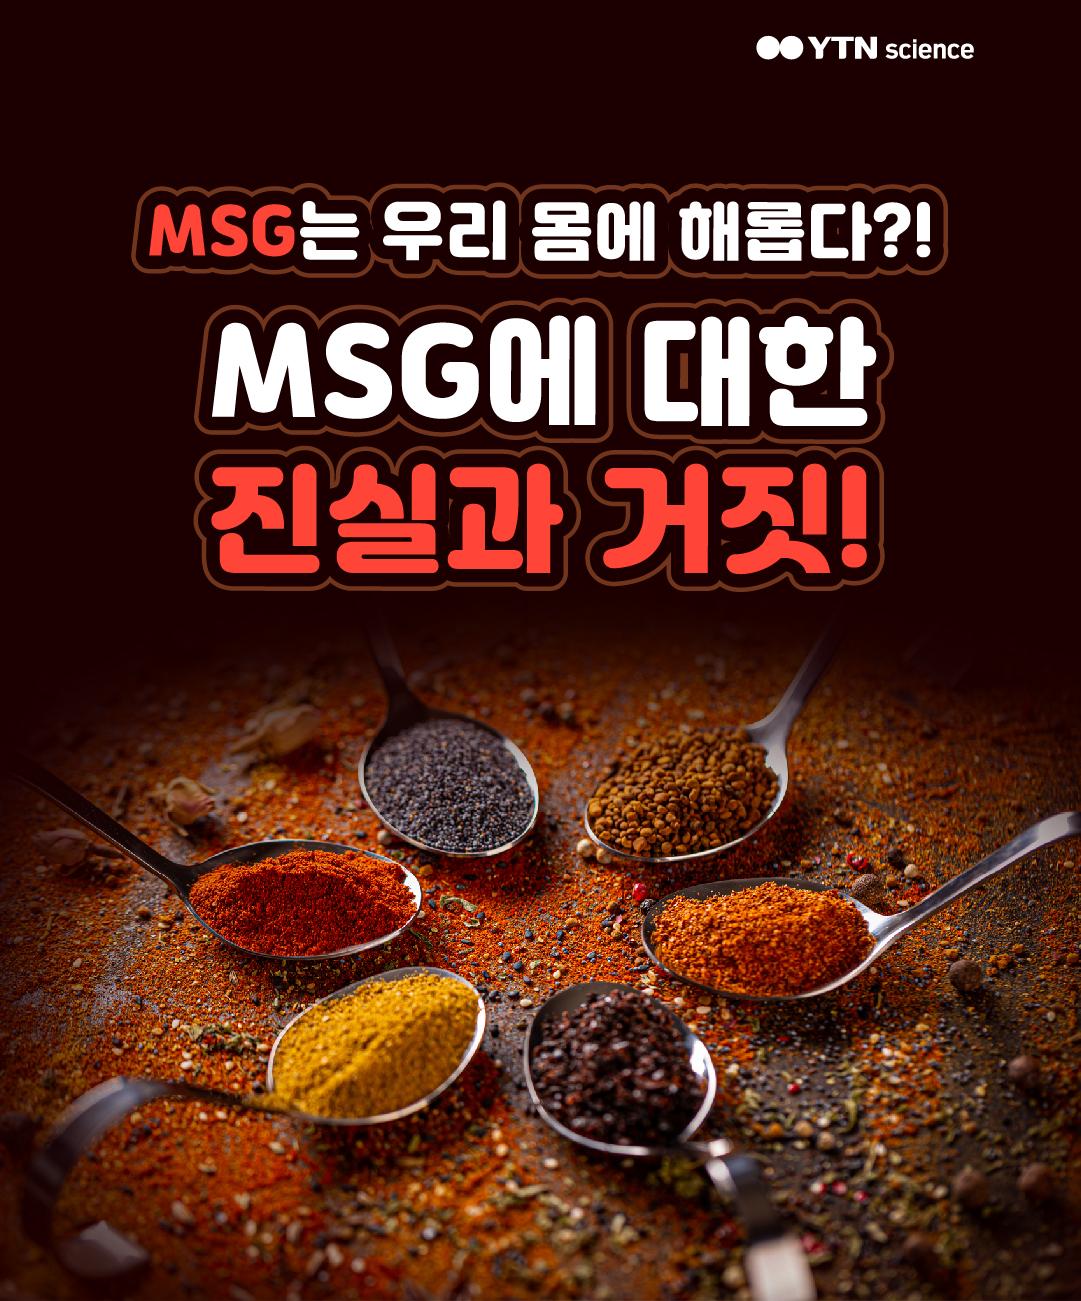 MSG는 우리 몸에 해롭다?! MSG에 대한 진실과 거짓! 이미지